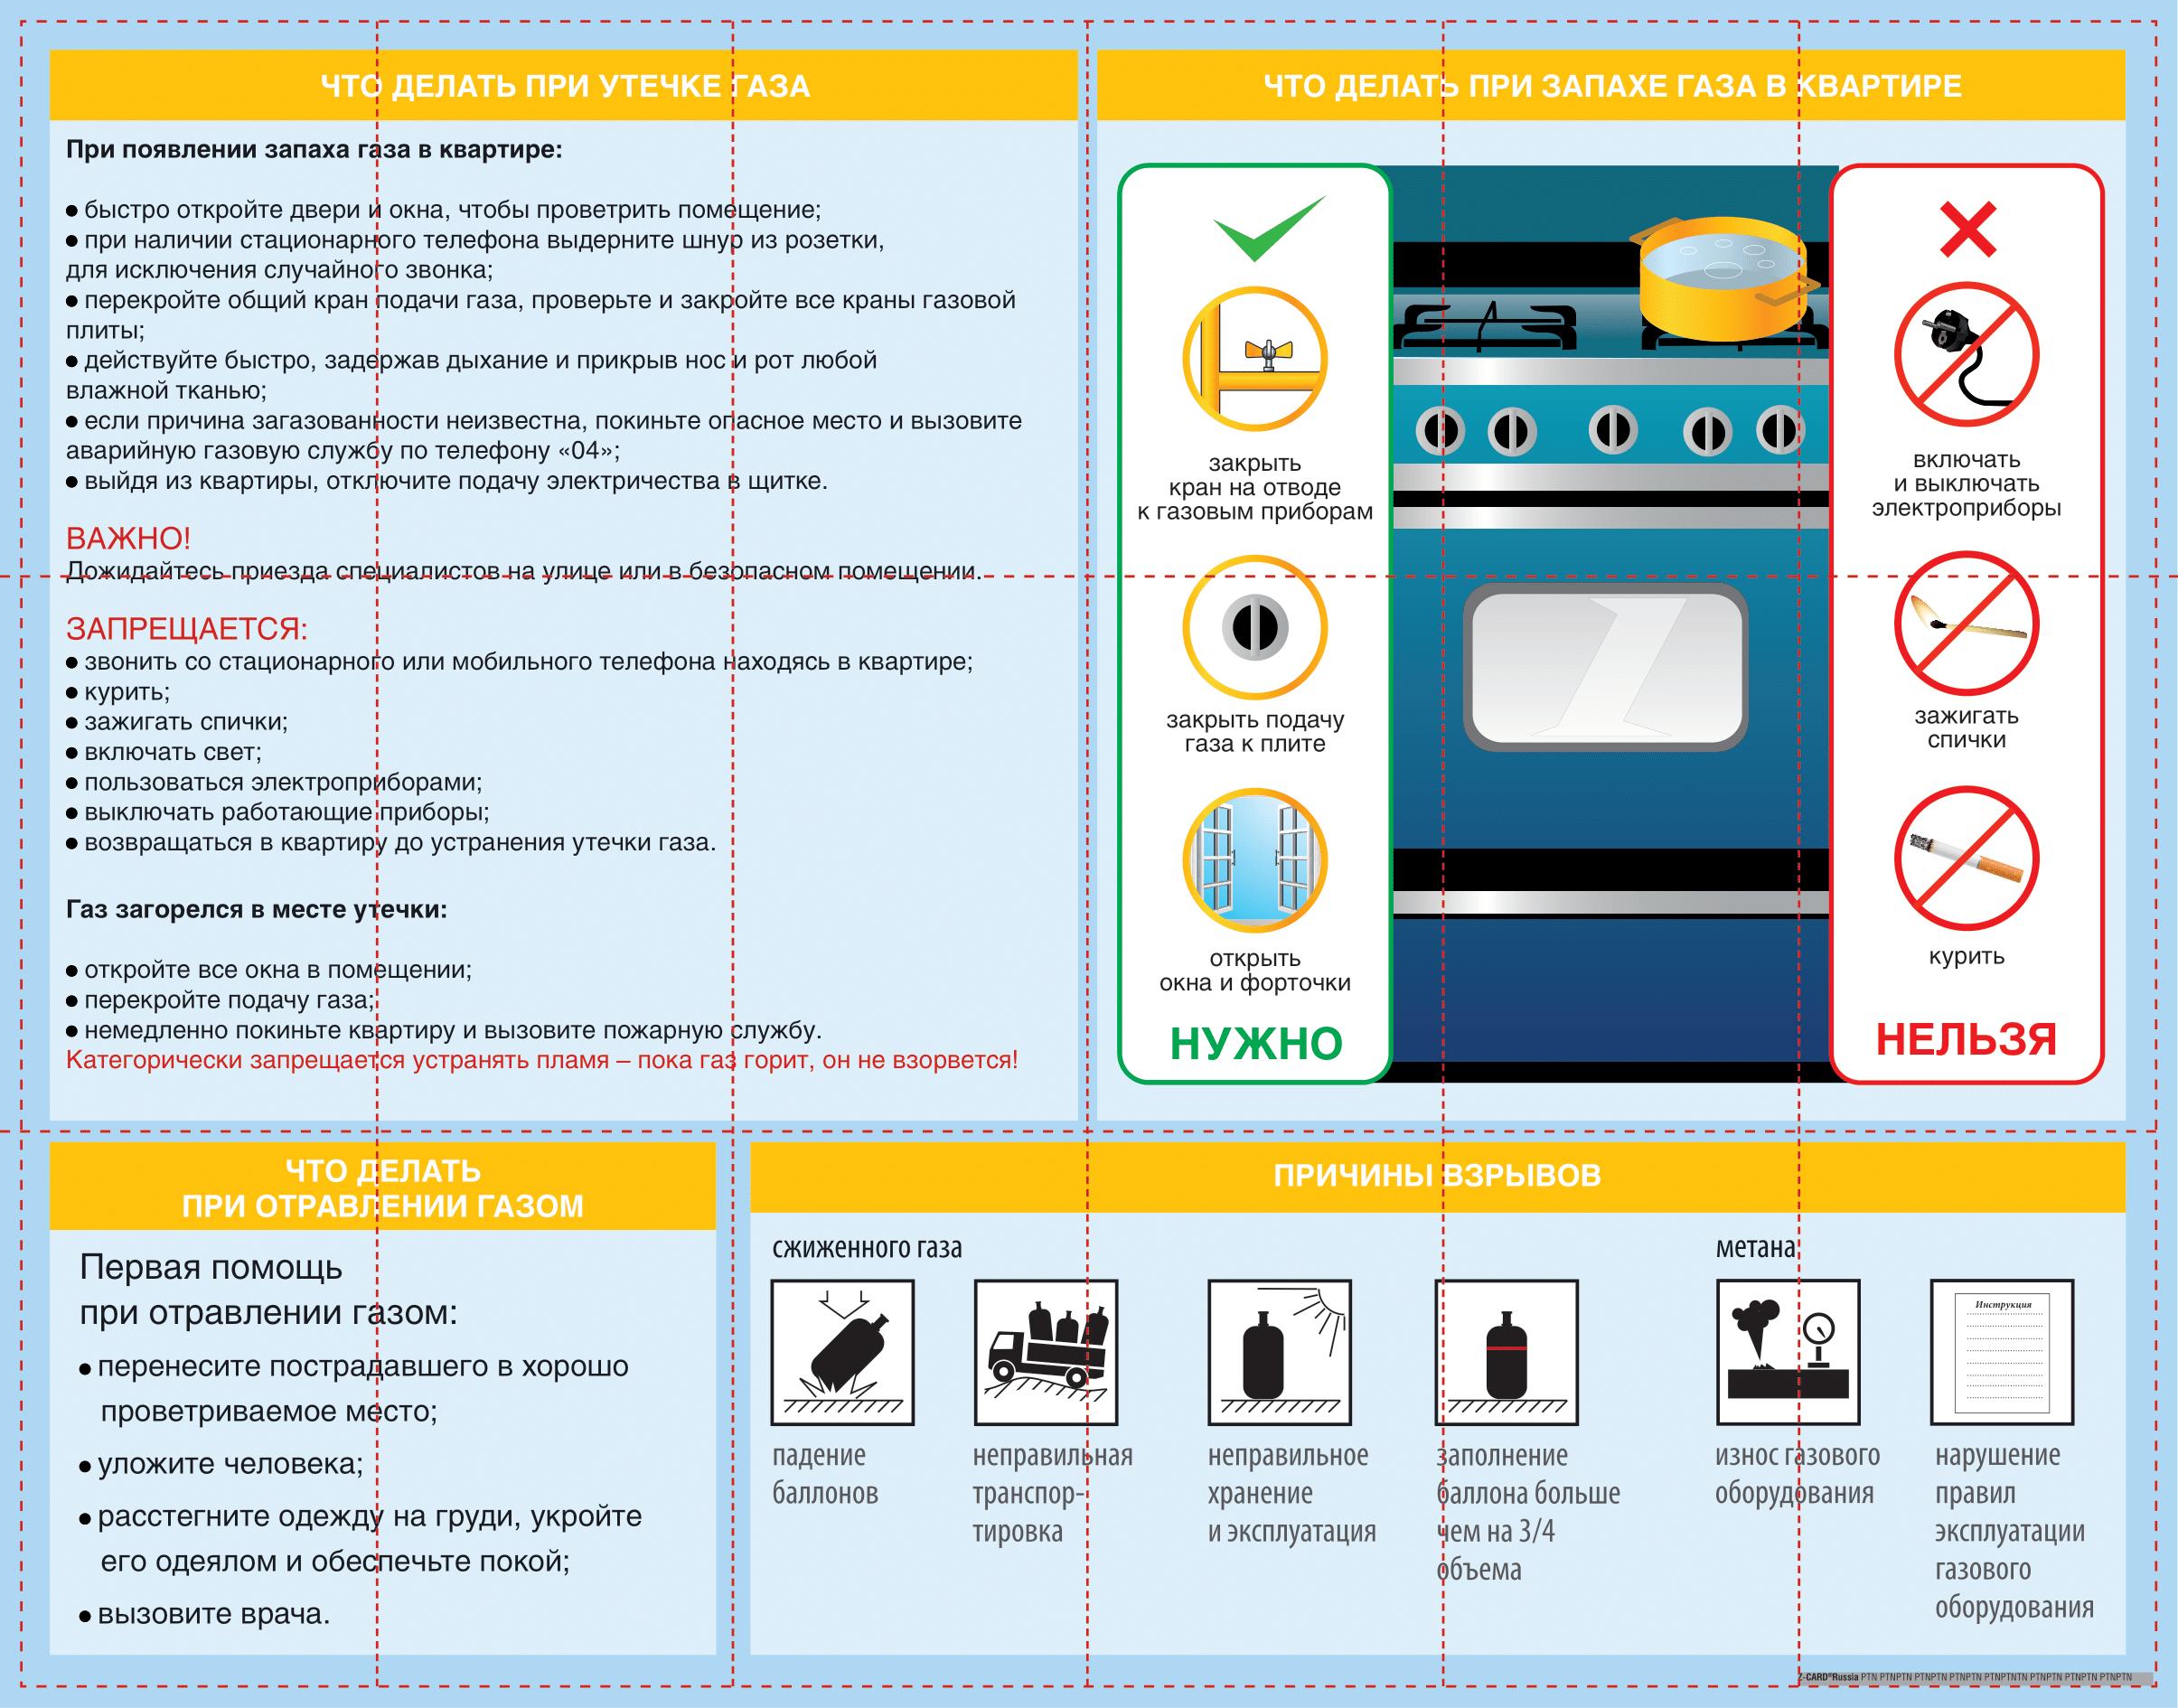 0904-Вх-431-1(09-Исх-4616) от 24.09.21 Приложение 16-2